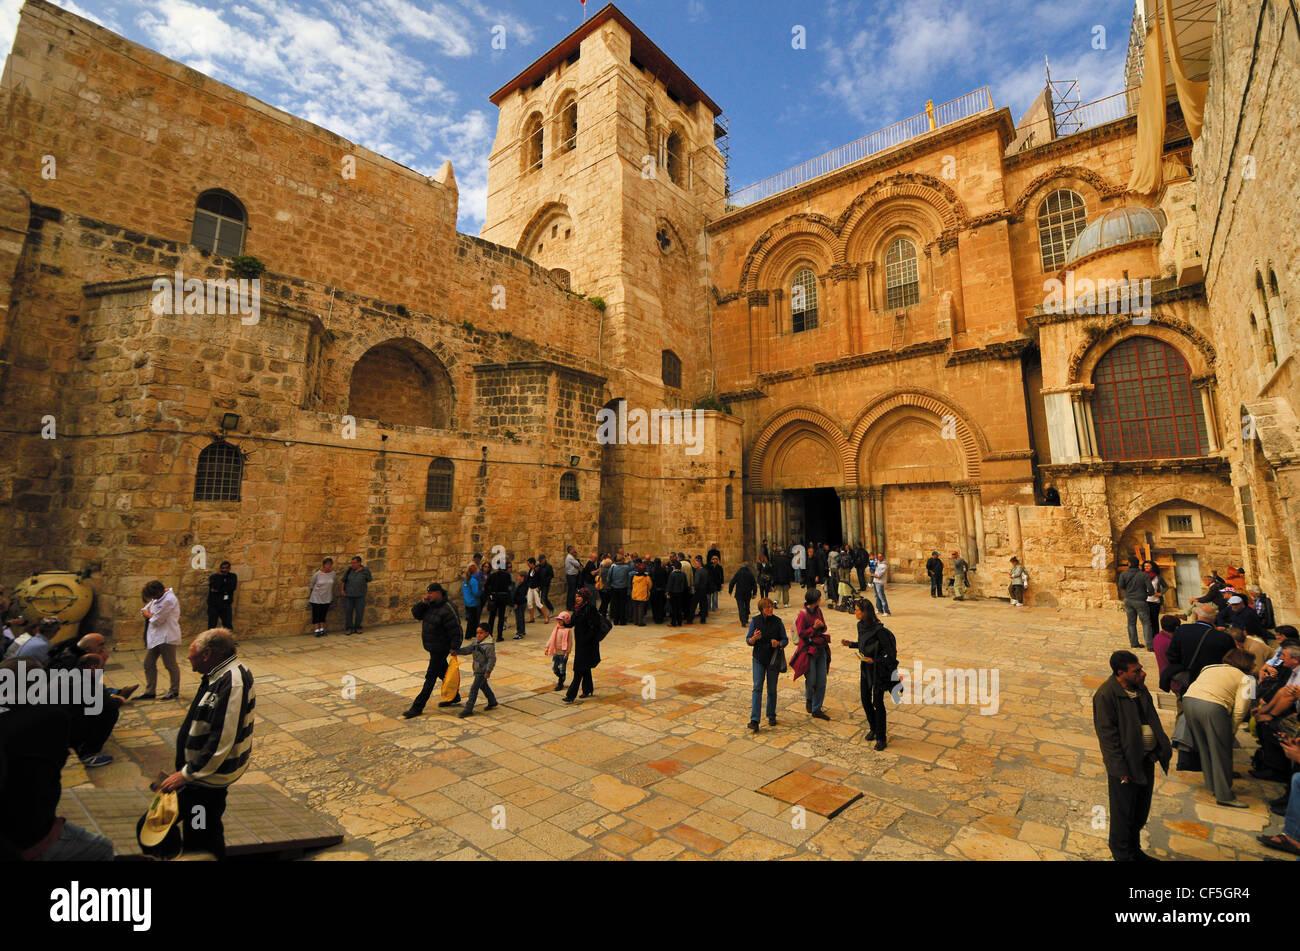 Chiesa del Santo Sepolcro a Gerusalemme, Israele Immagini Stock